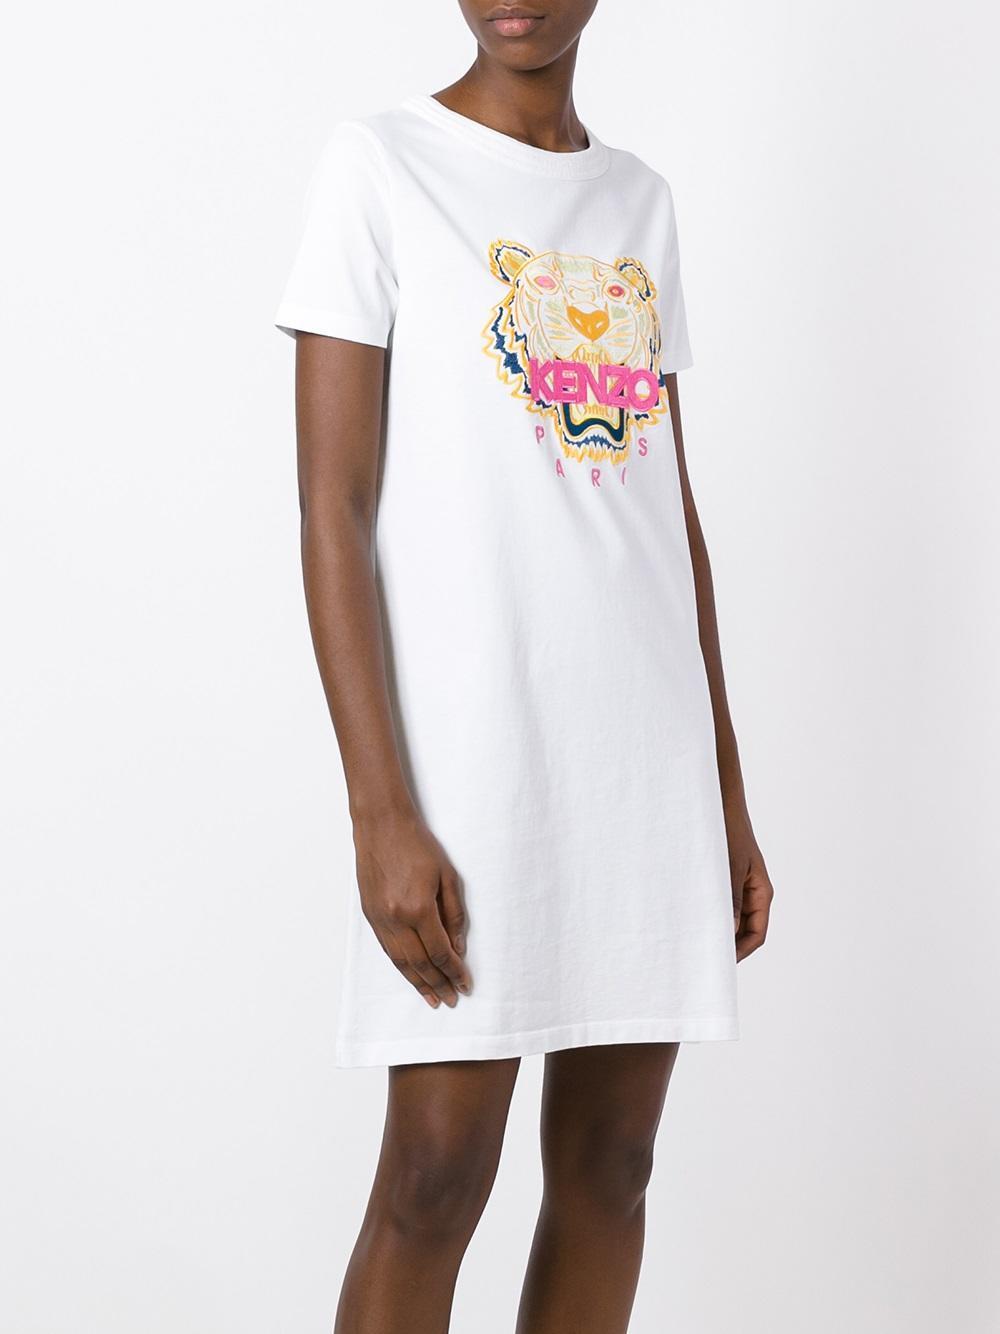 Calvin Klein T Shirt Women